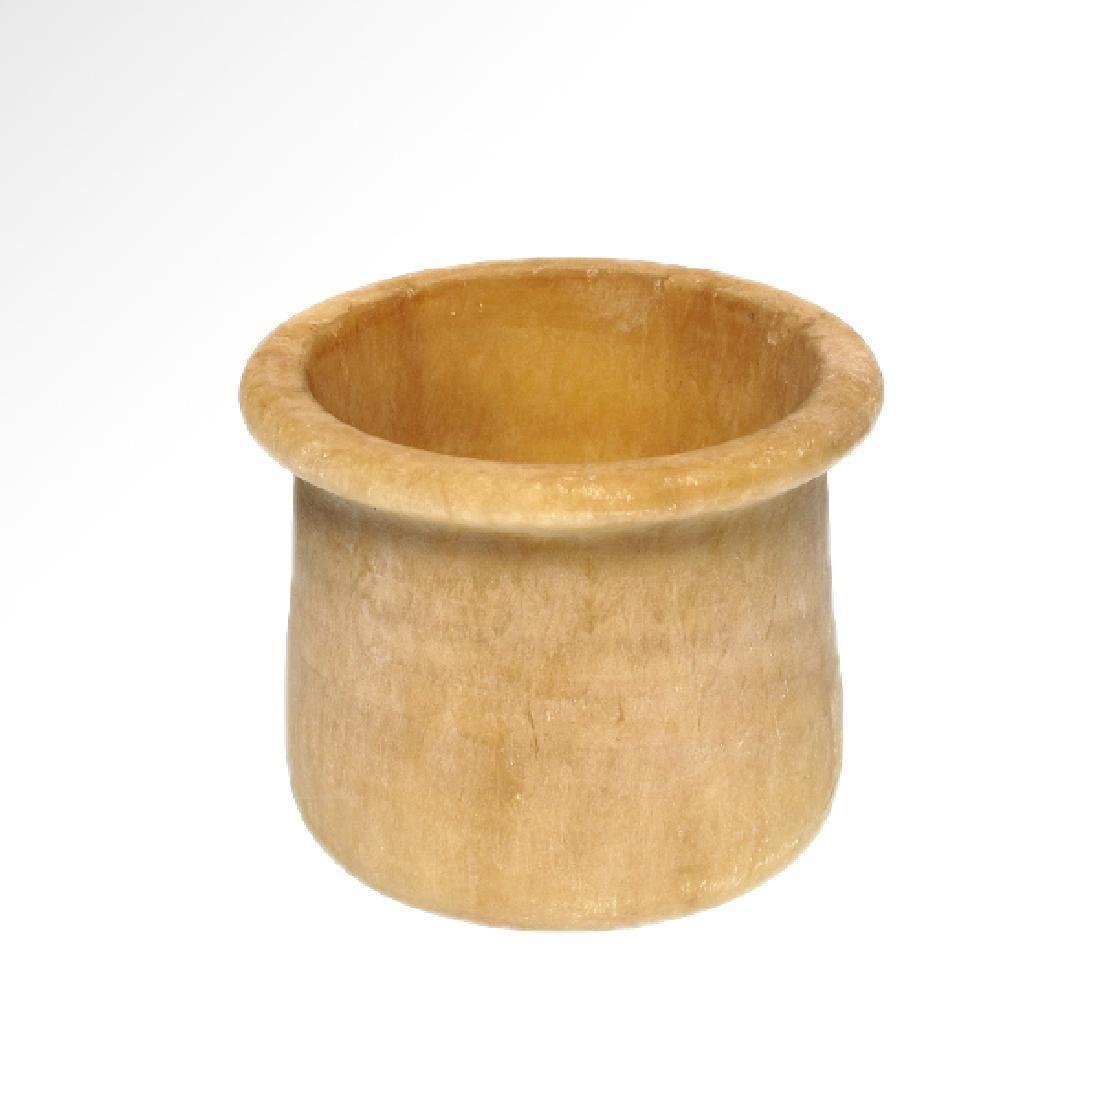 Bactrian Alabaster Bowl, c. 2000 B.C.